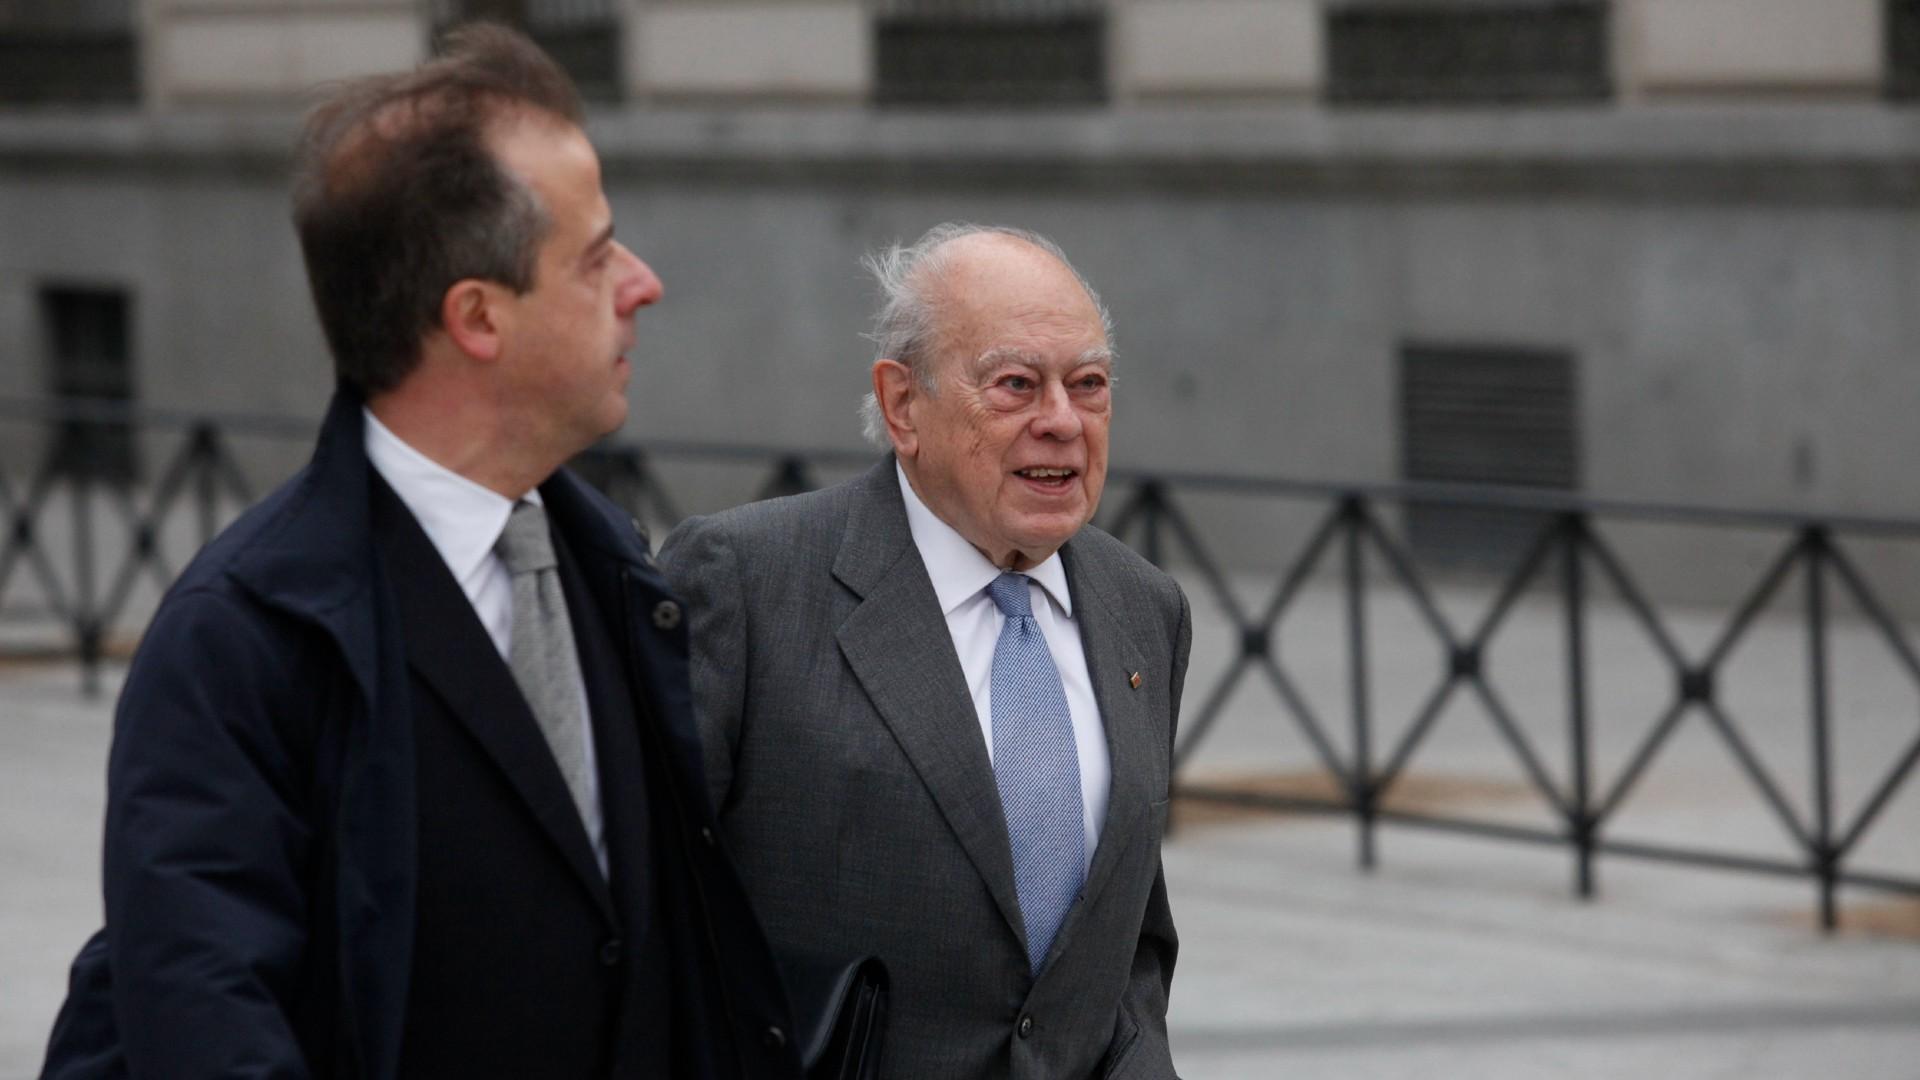 L'expresident de la Generalitat, Jordi Pujol, arribant a l'Audiència Nacional el 10 de febrer del 2016